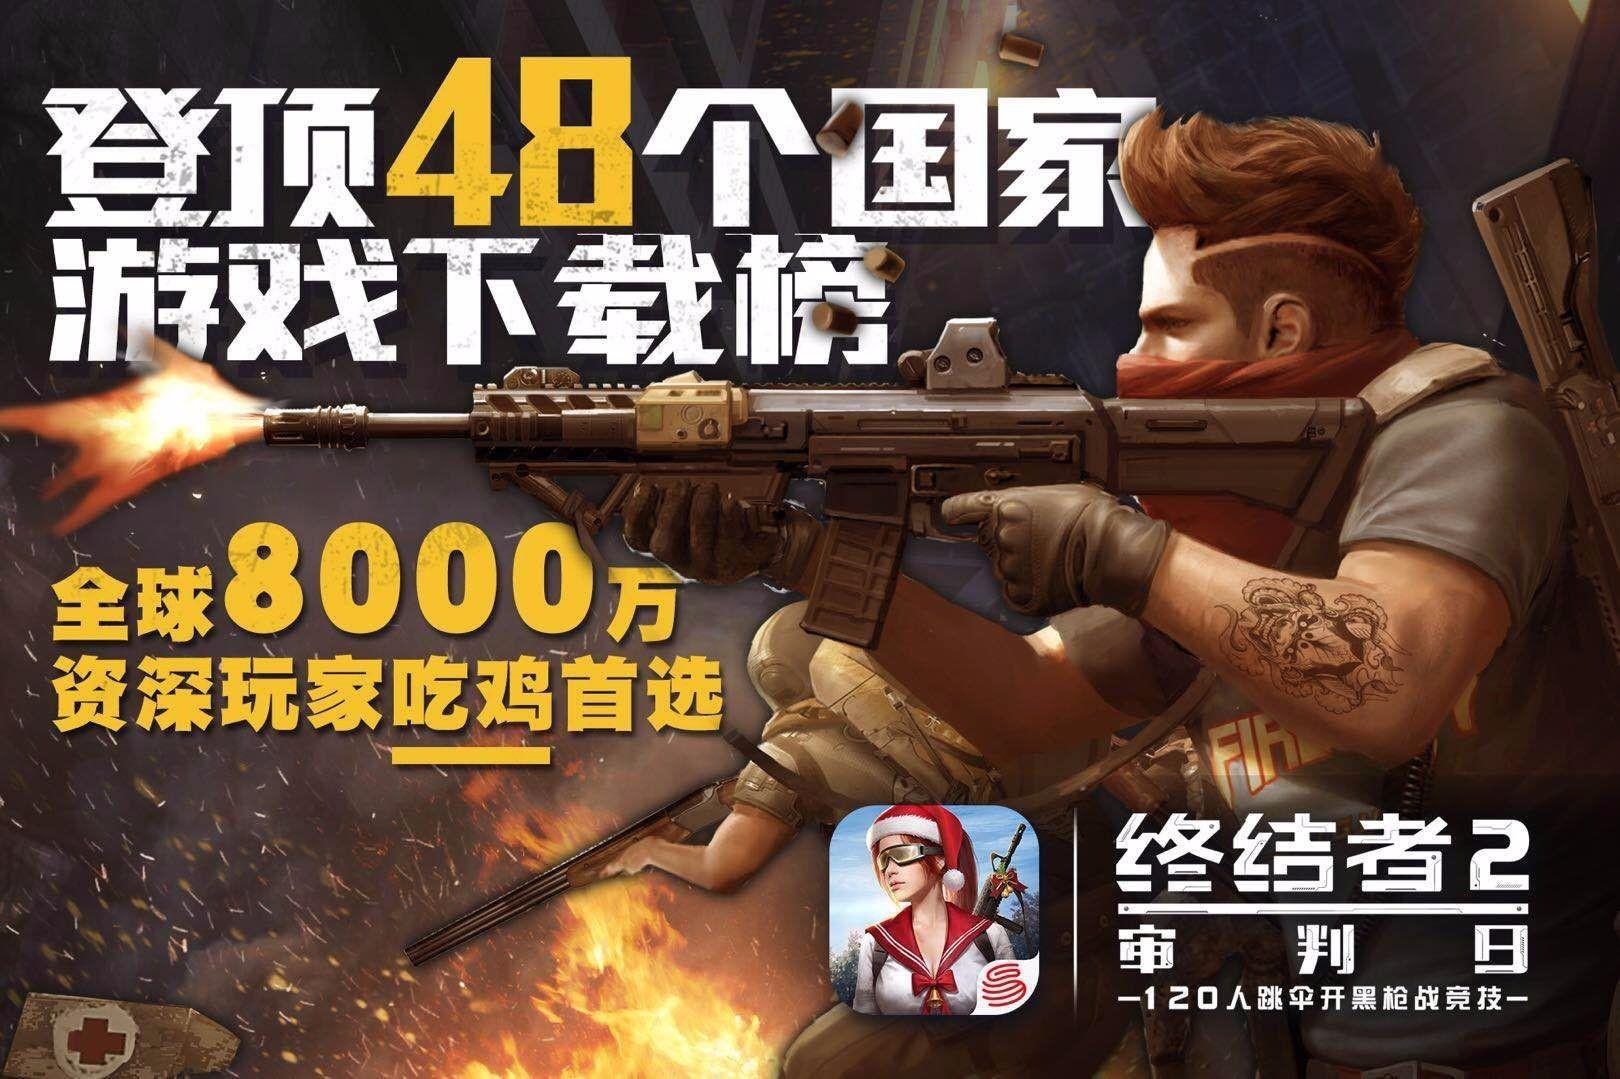 图5:代表八千万玩家出征全球.jpg